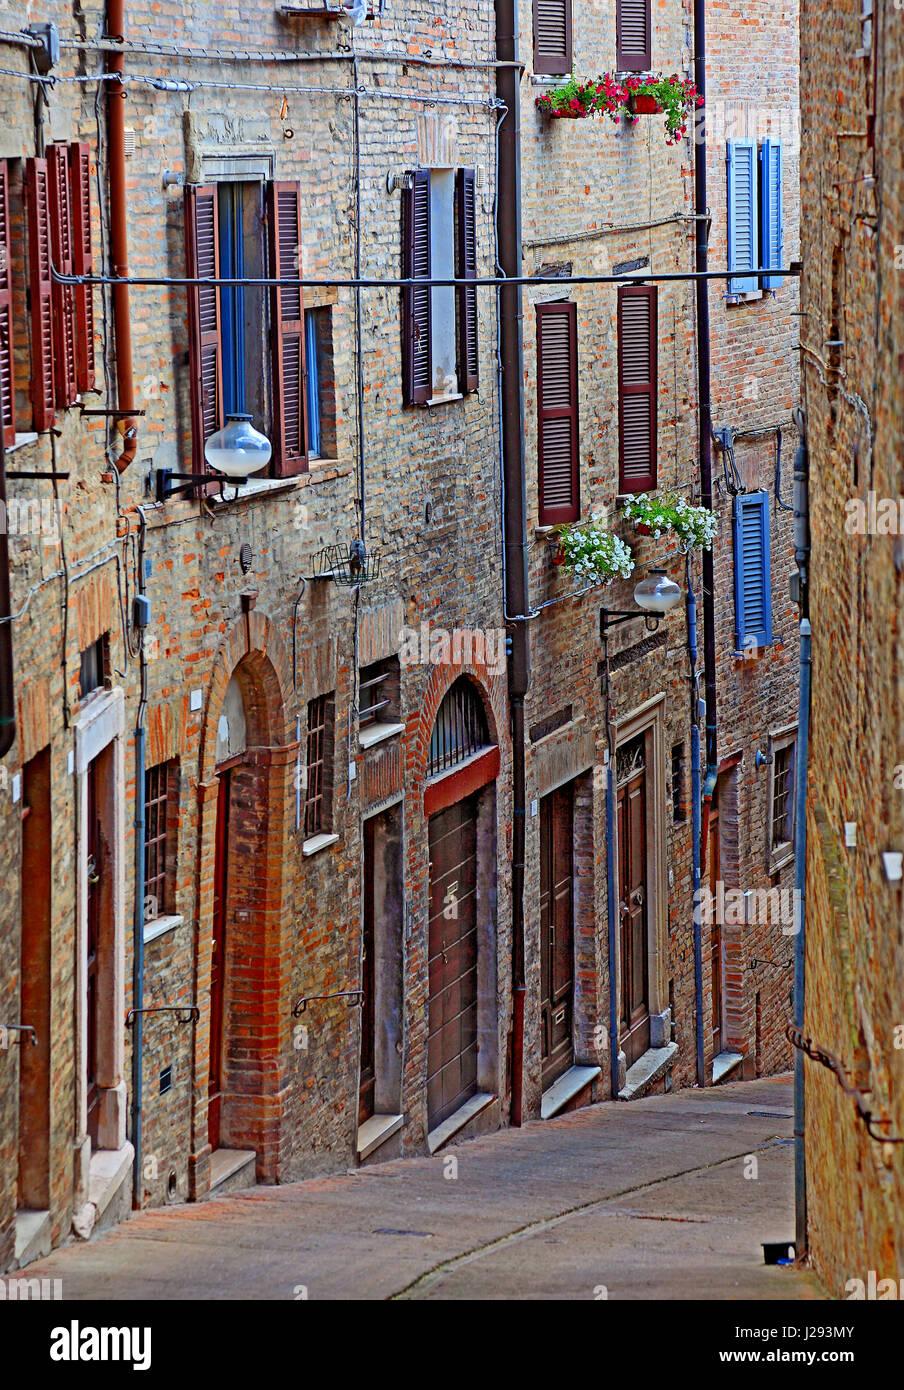 Ruelle de la vieille ville d'Urbin, Marches, Italie Banque D'Images